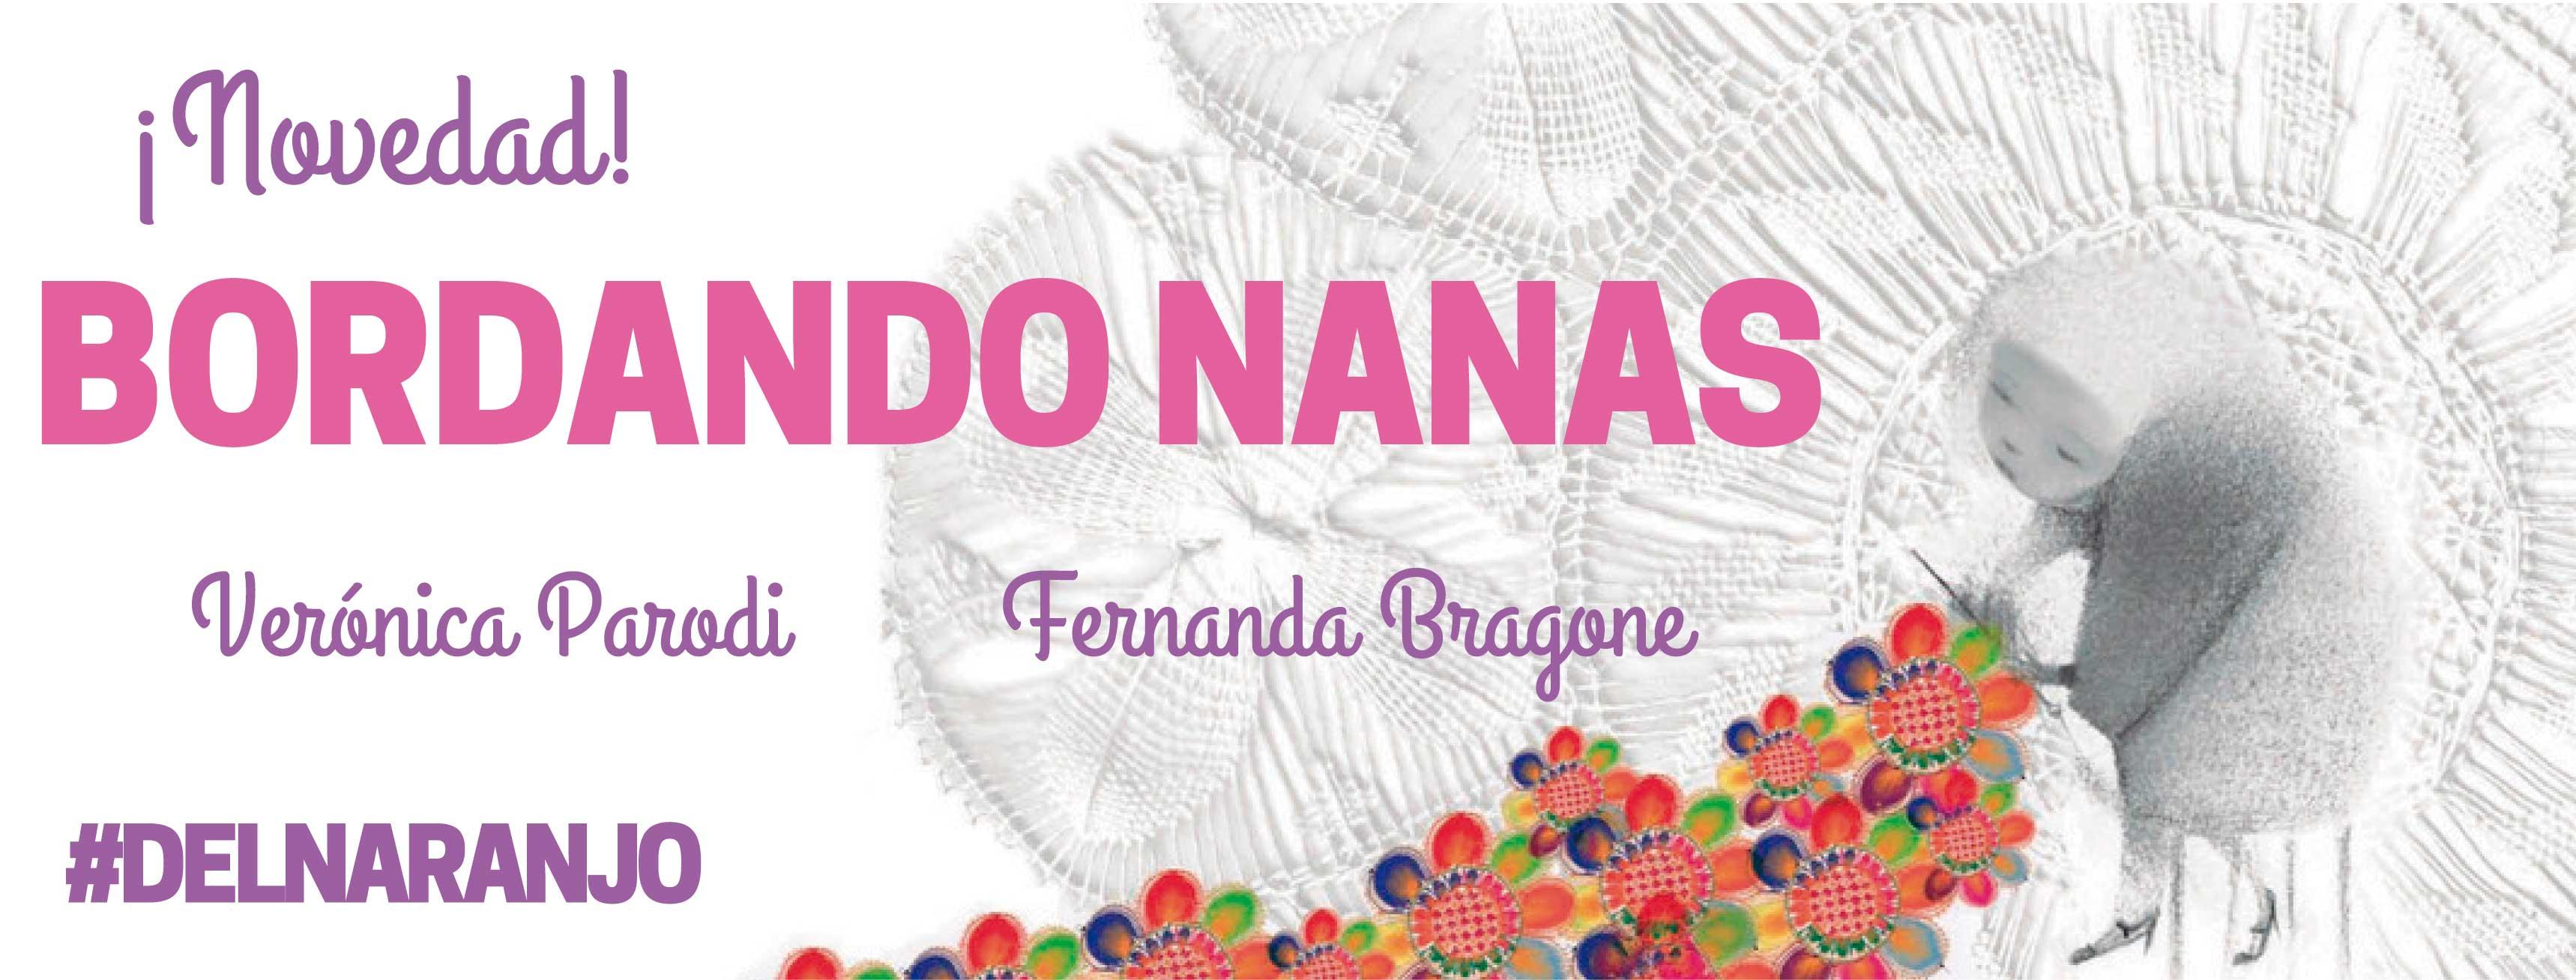 Bordando Nanas